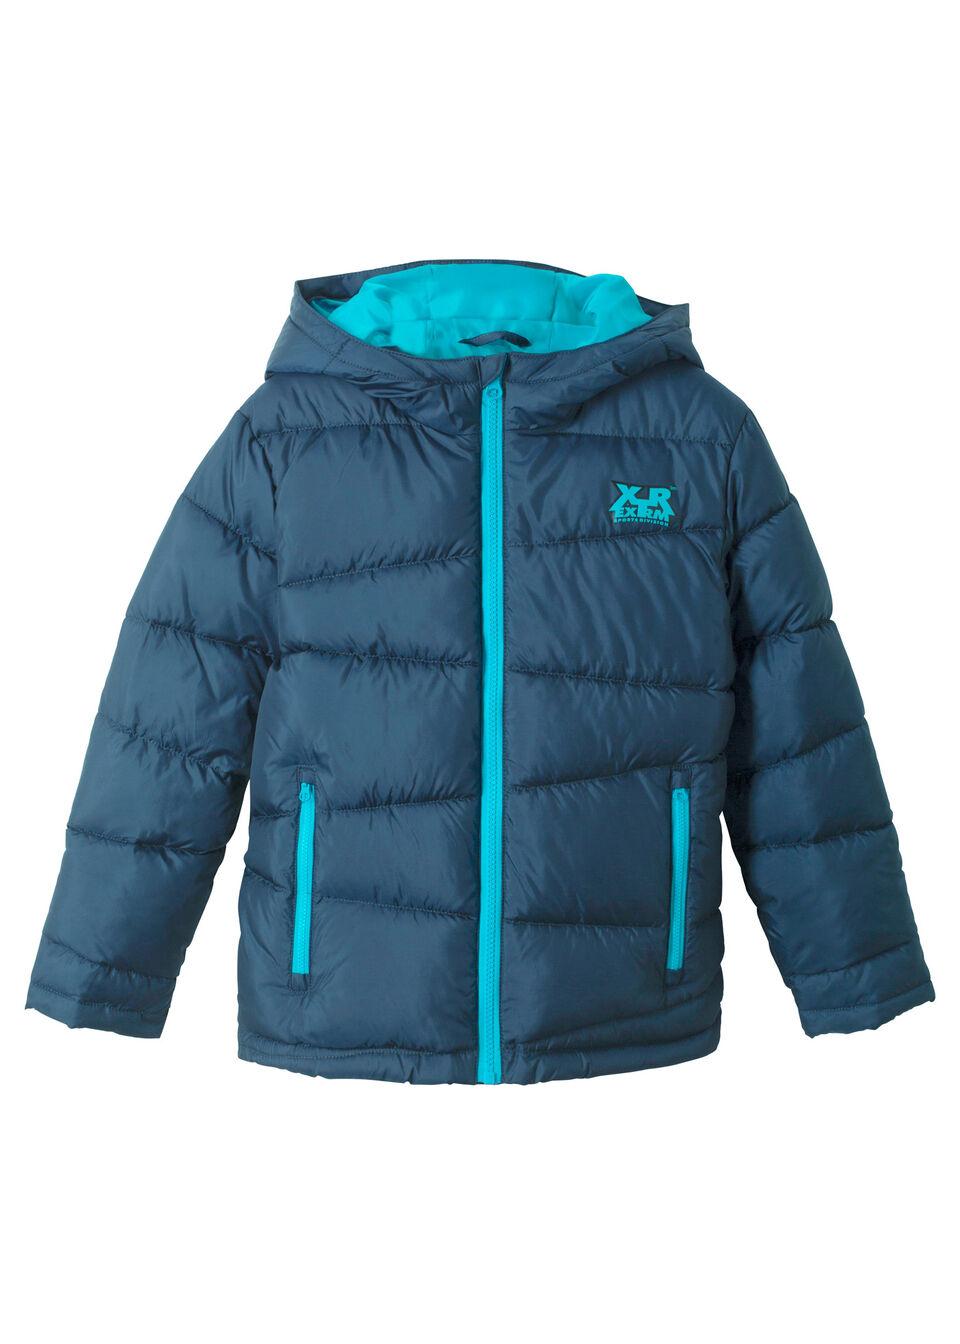 Chlapčenská vatovaná zimná bunda, podšitá bonprix